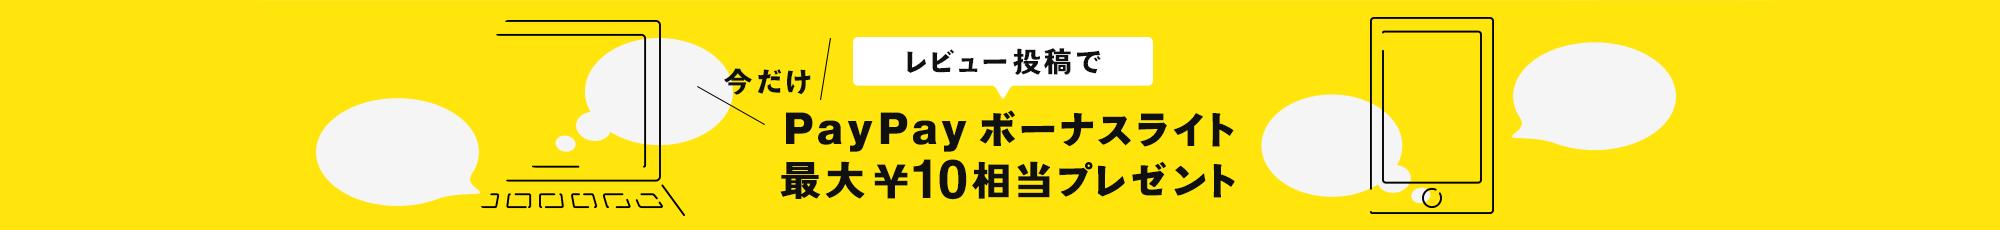 レビュー投稿でPayPayボーナスライト¥10相当がもらえます